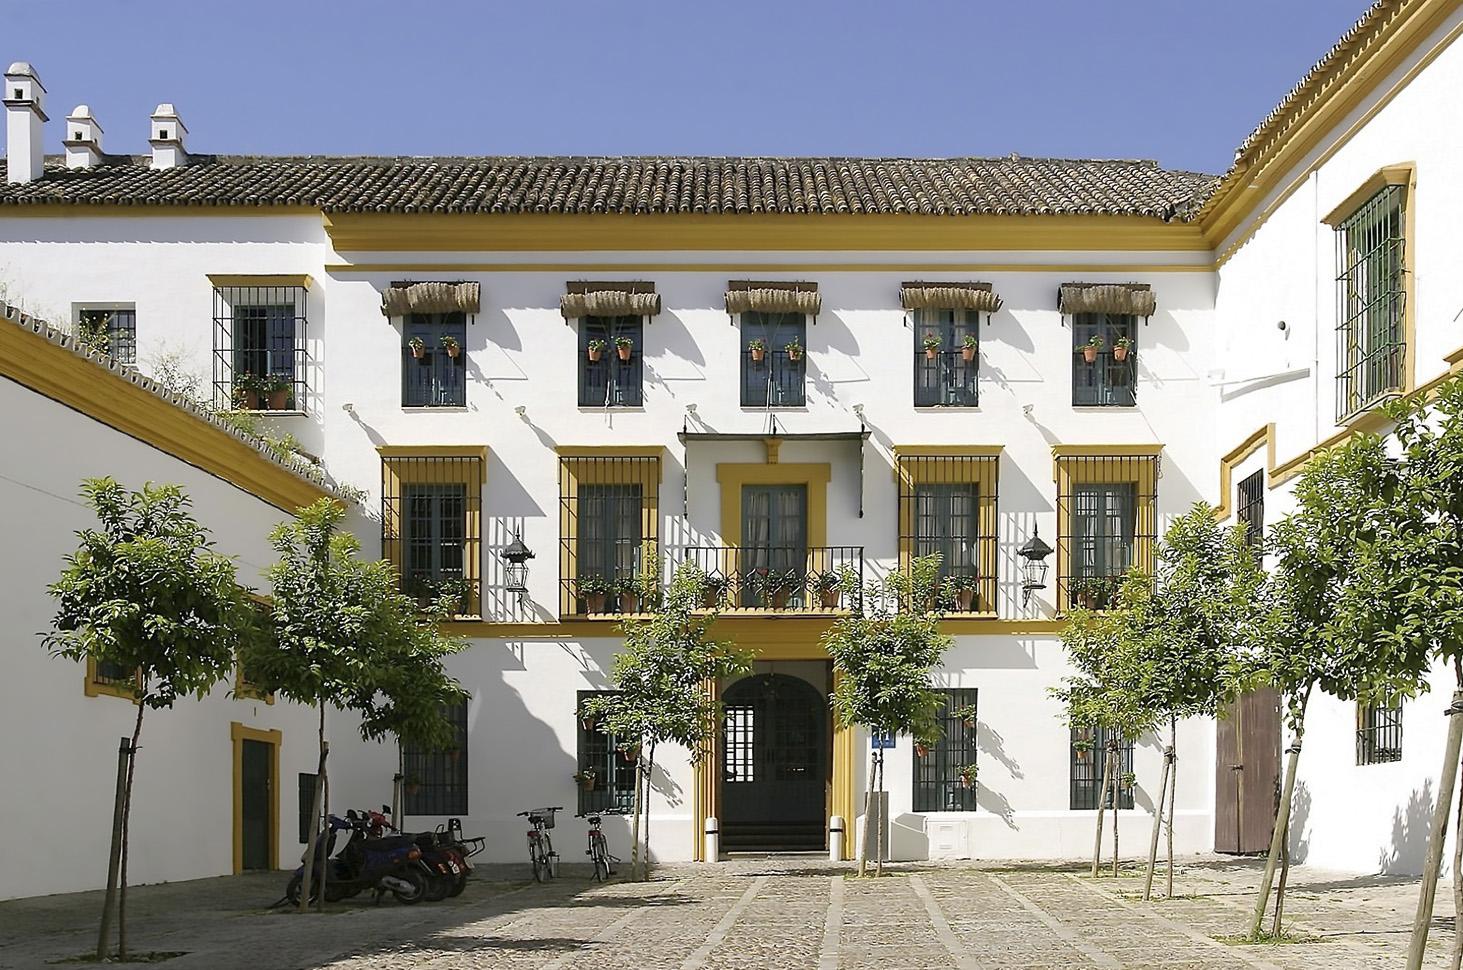 ventanas-hotel-casa-rey-baeza-16